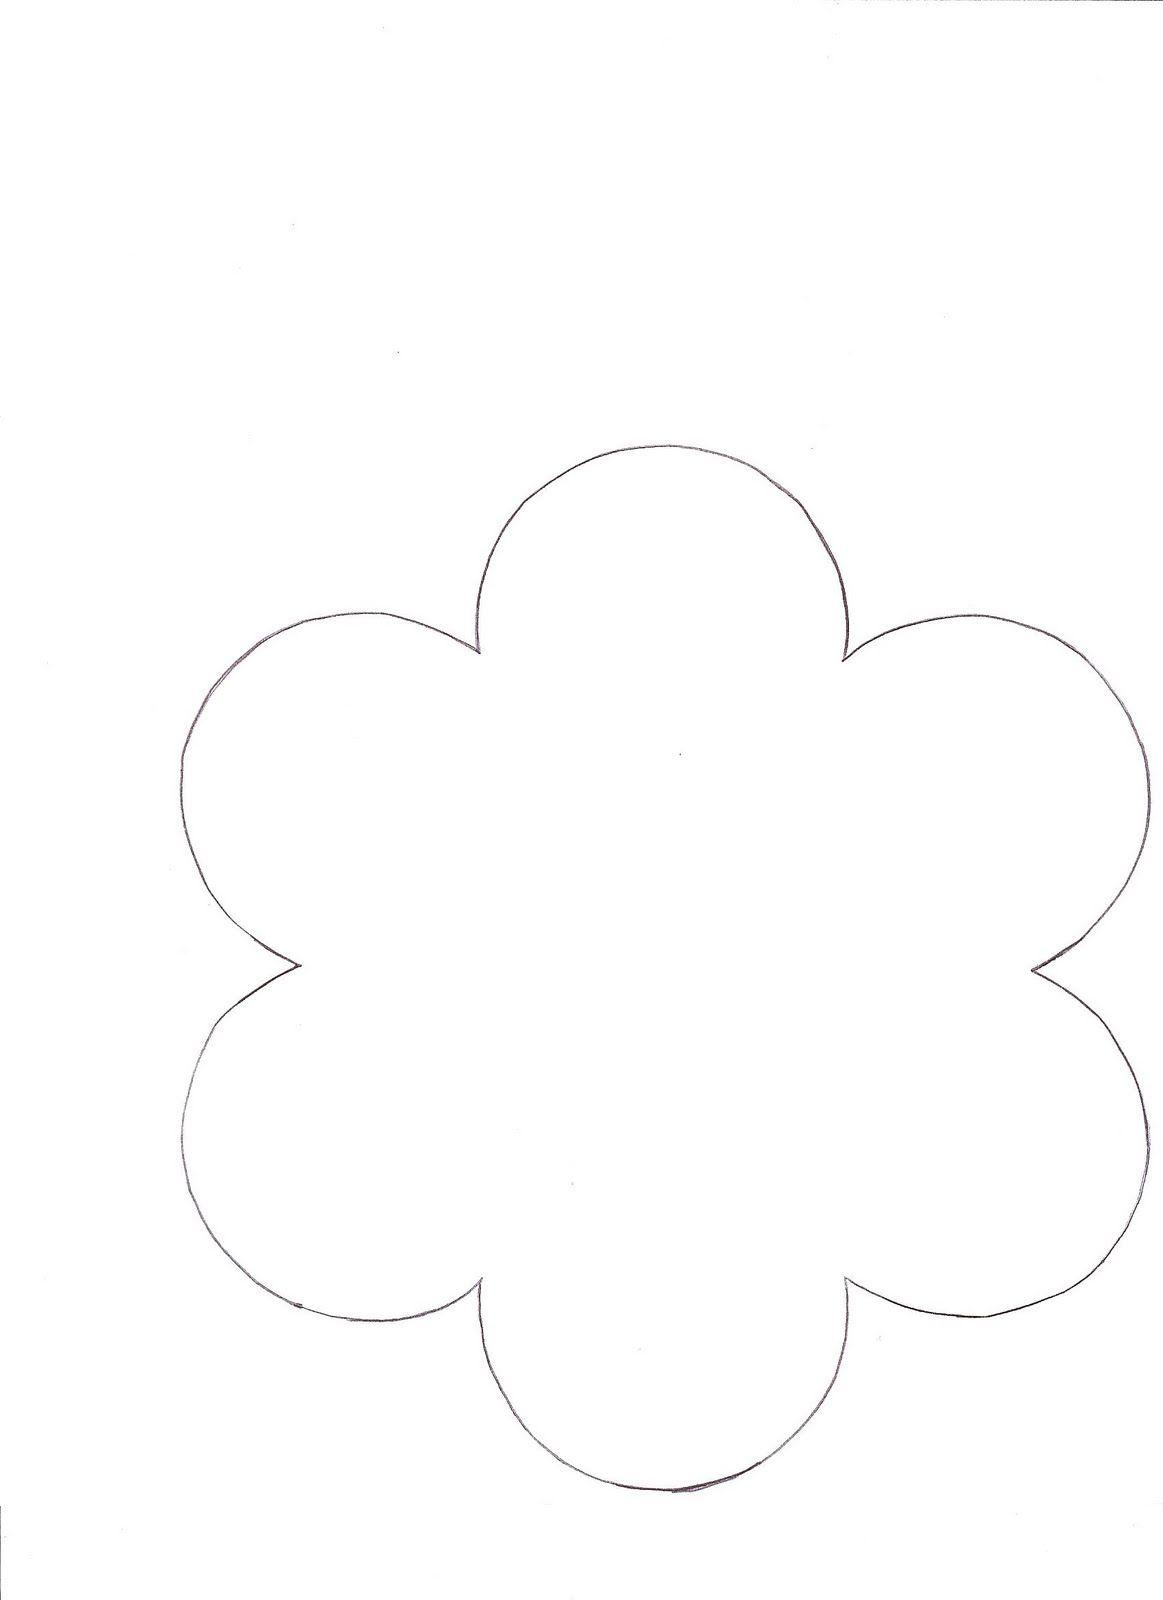 6 Petal Flower Template All Patterns Pinterest Flower Template